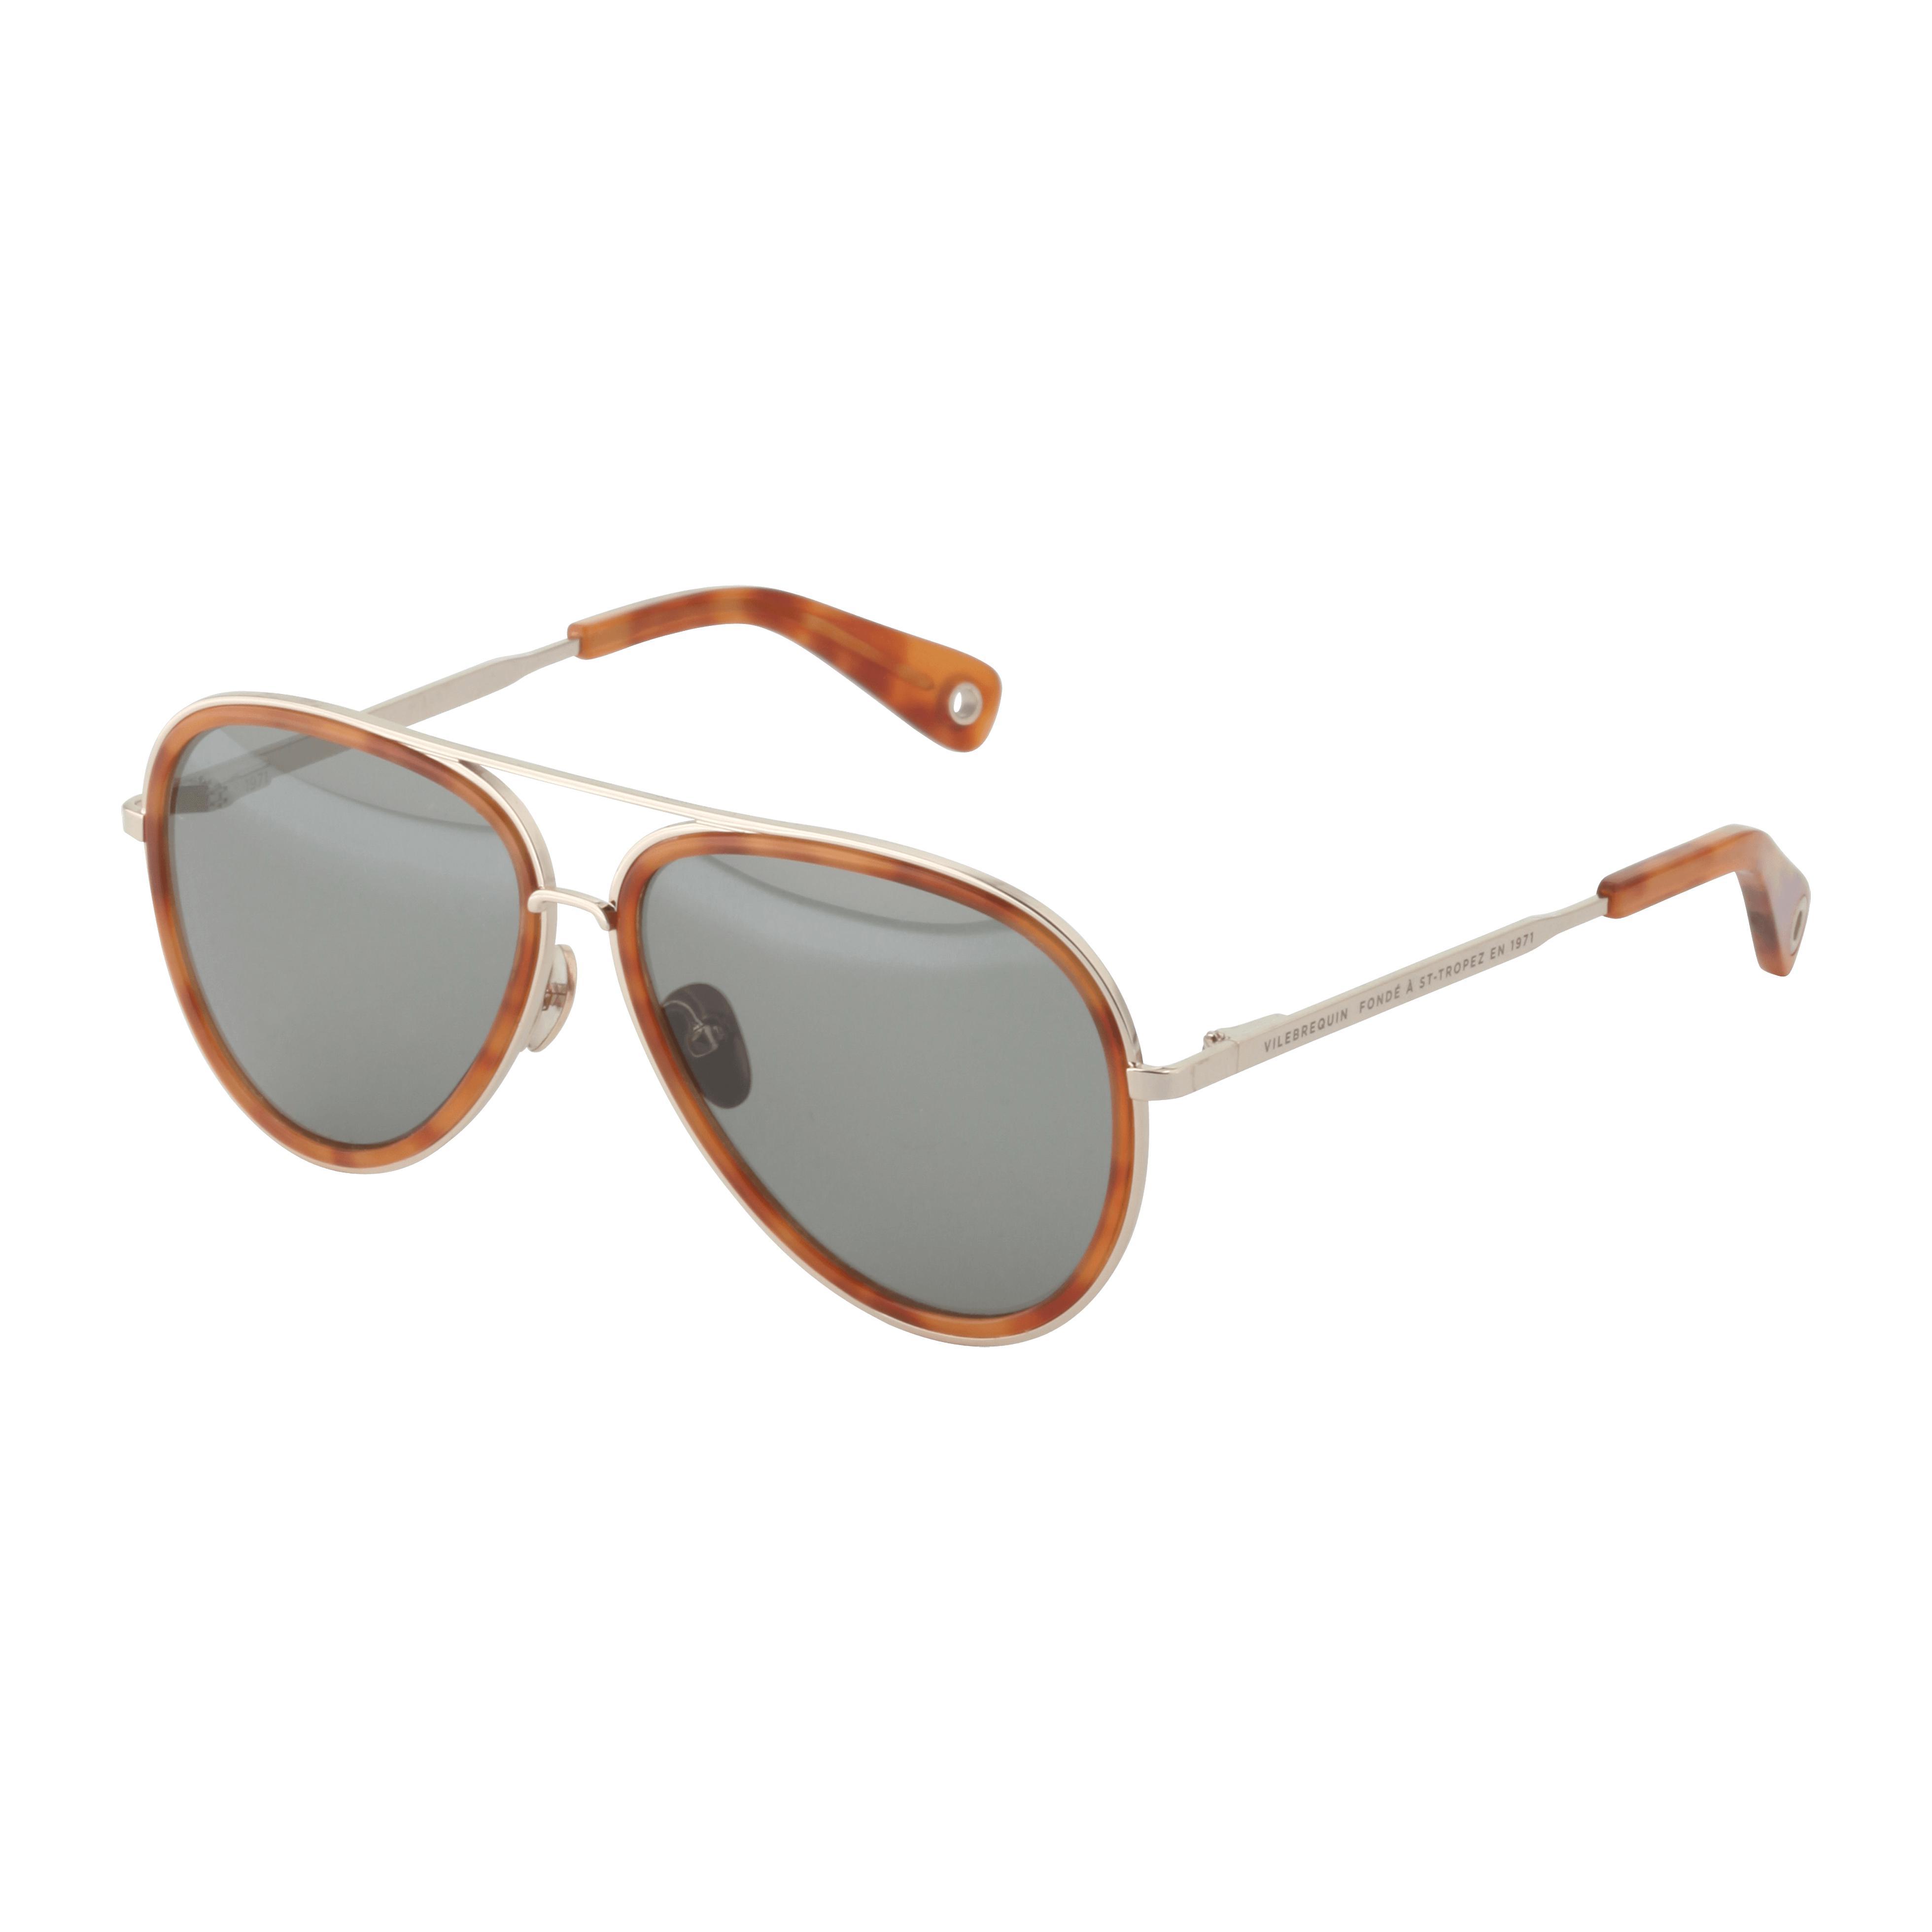 Vilebrequin Sunglasses Retro Polarized in Brown